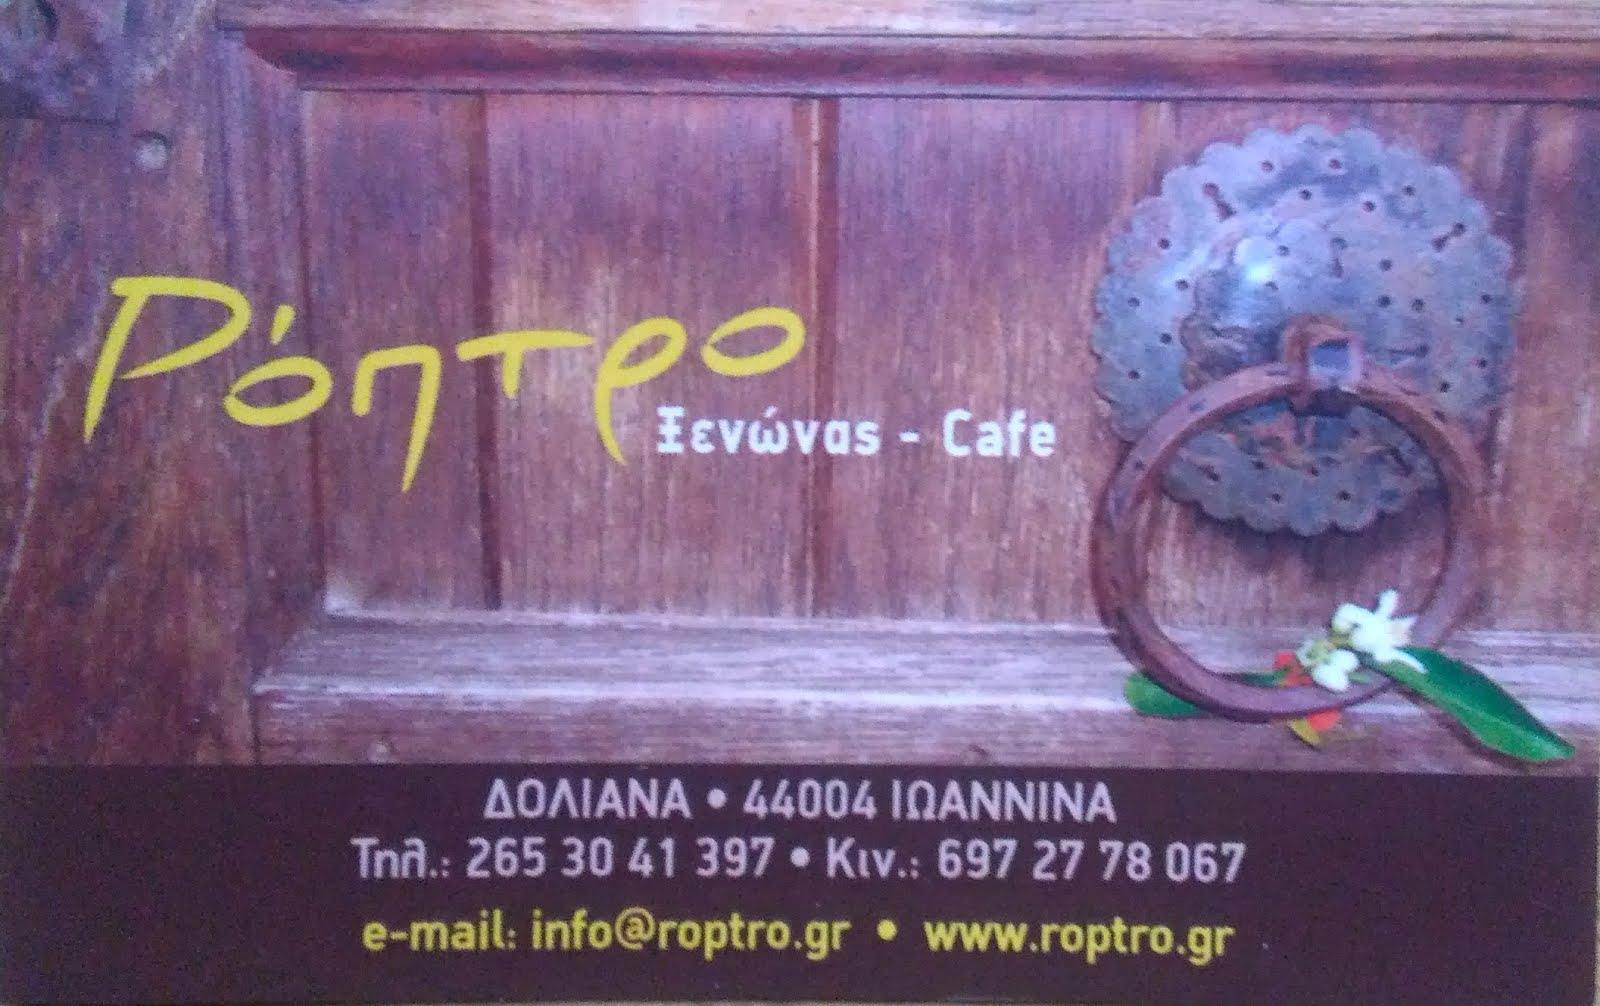 «ΡΟΠΤΡΟ» ΞΕΝΩΝΑΣ-CAFE